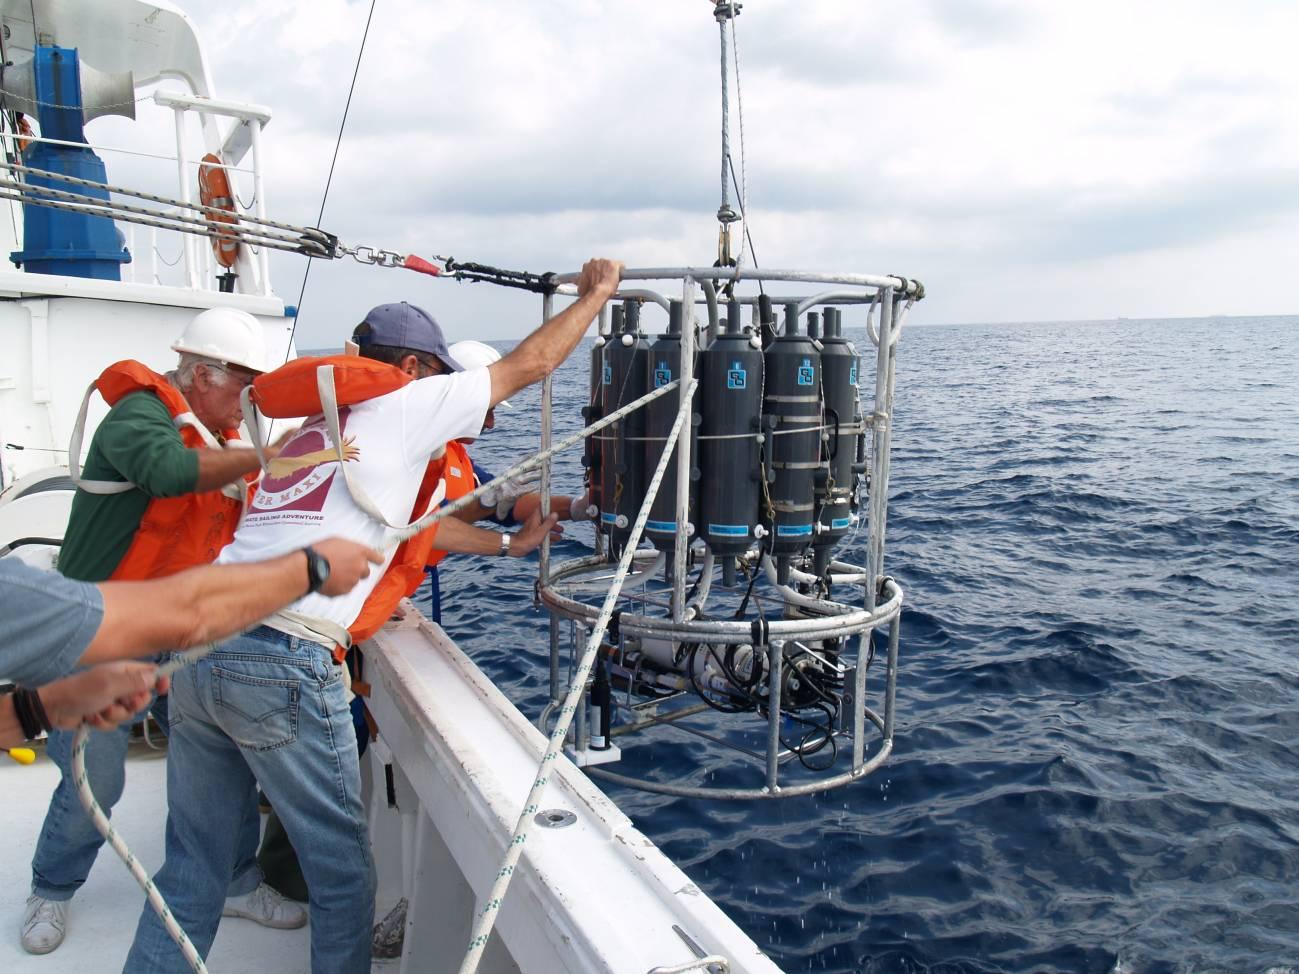 El aumento del nivel del mar en el Mediterráneo se acelera